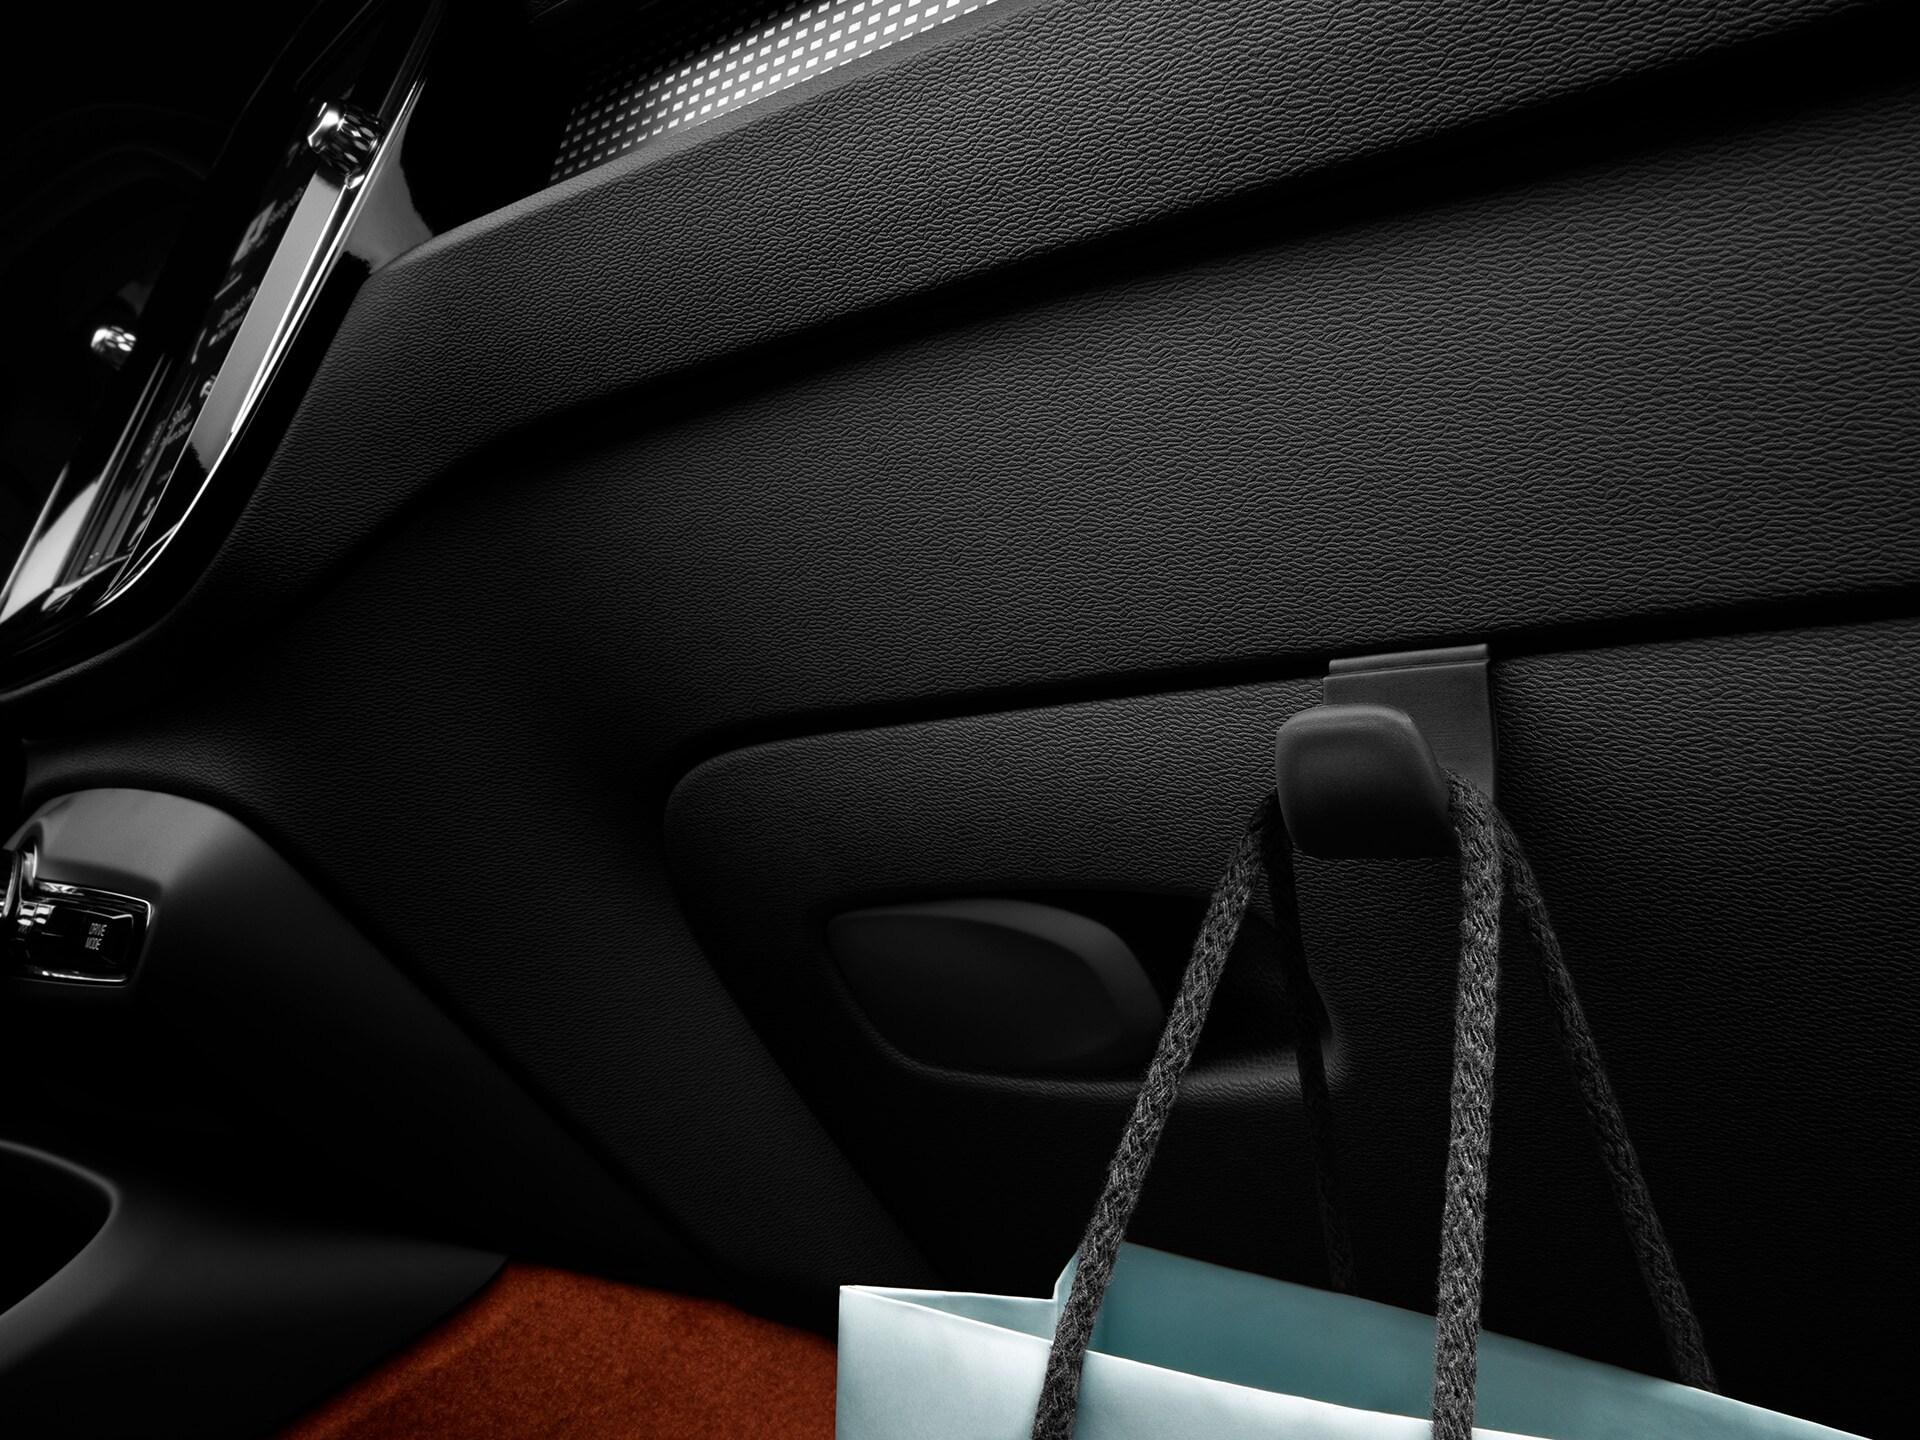 Dentro de un XC40 Recharge híbrido enchufable, hay una bolsa de papel azul dentro del auto